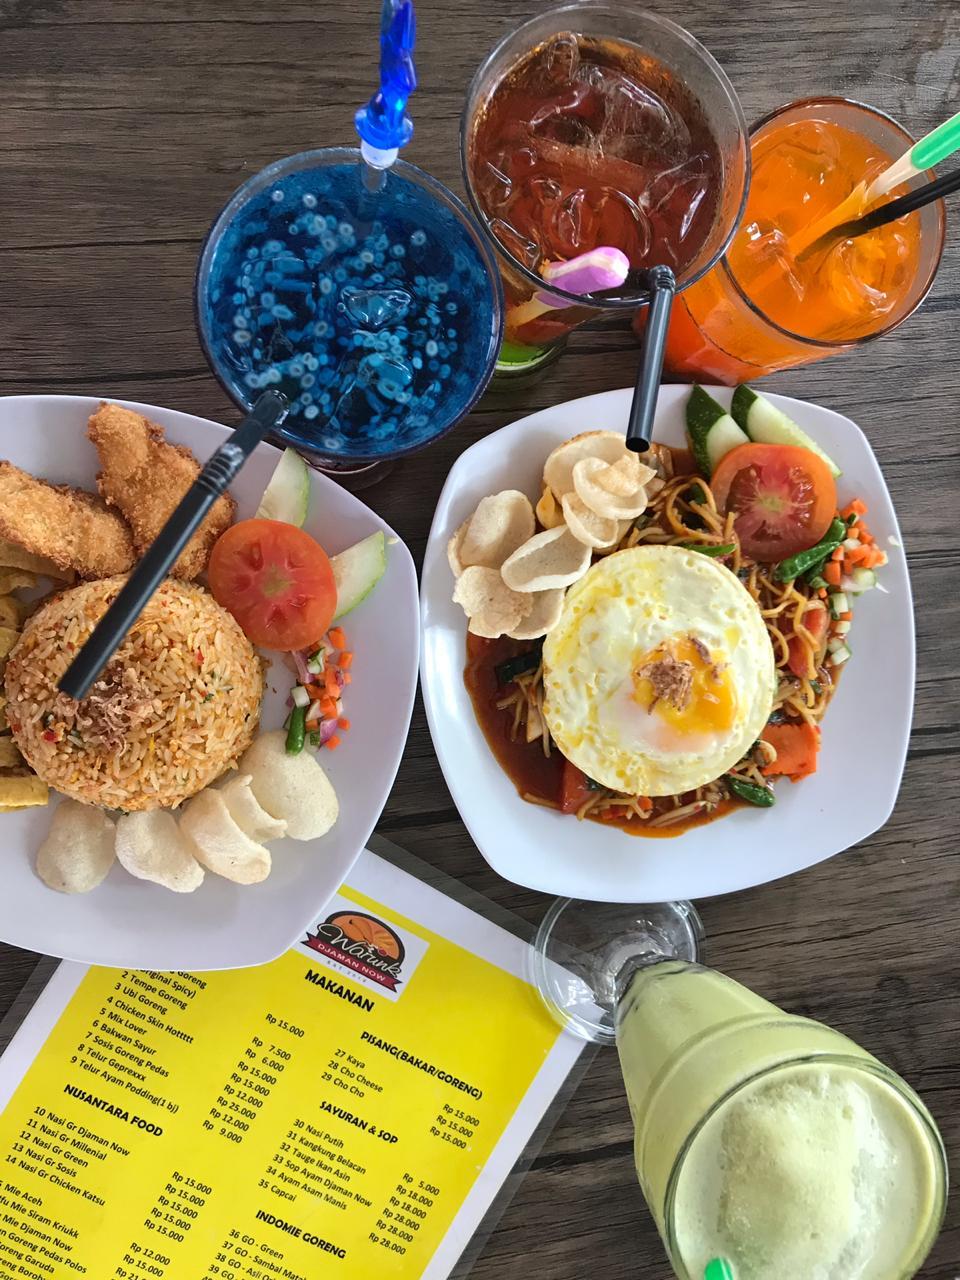 Warunk Djaman Now Ramaikan Bisnis Kuliner Di Marelan Sasar Kaum